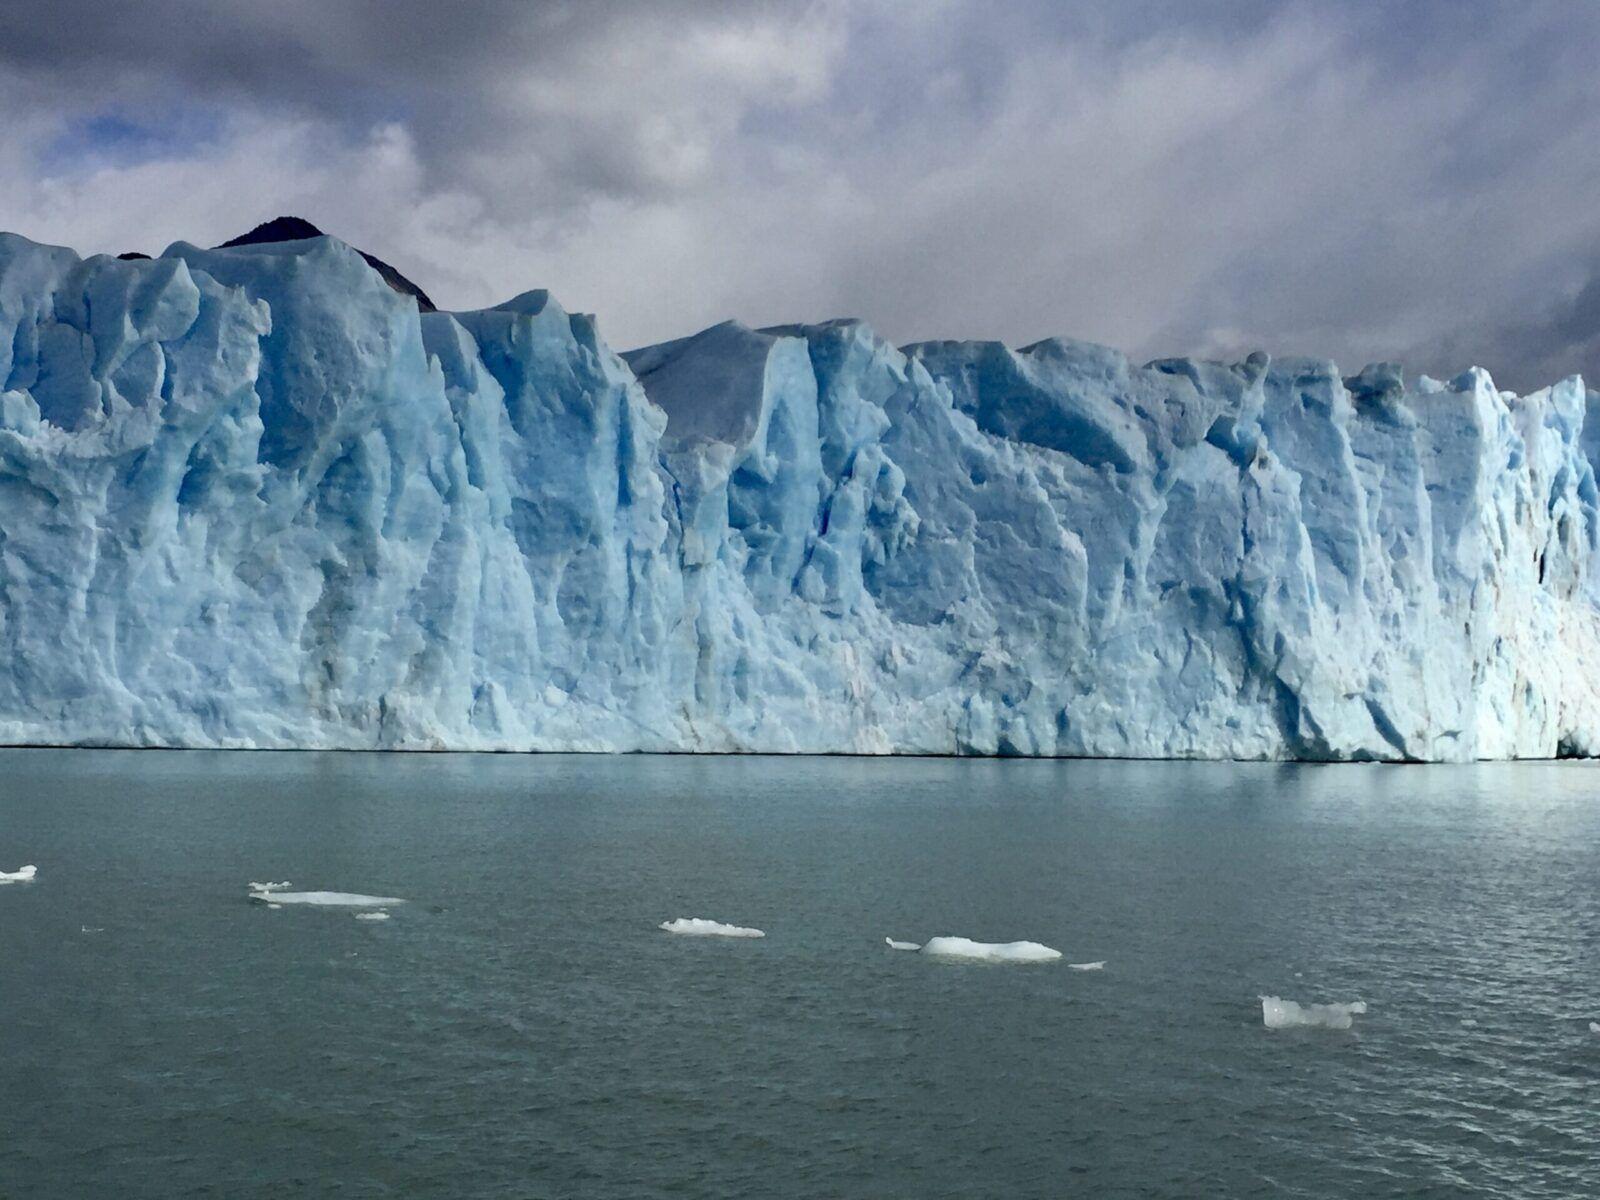 Nowe badania potwierdzają: Arktyka się topi. Tempo zmian jest nadzwyczajne